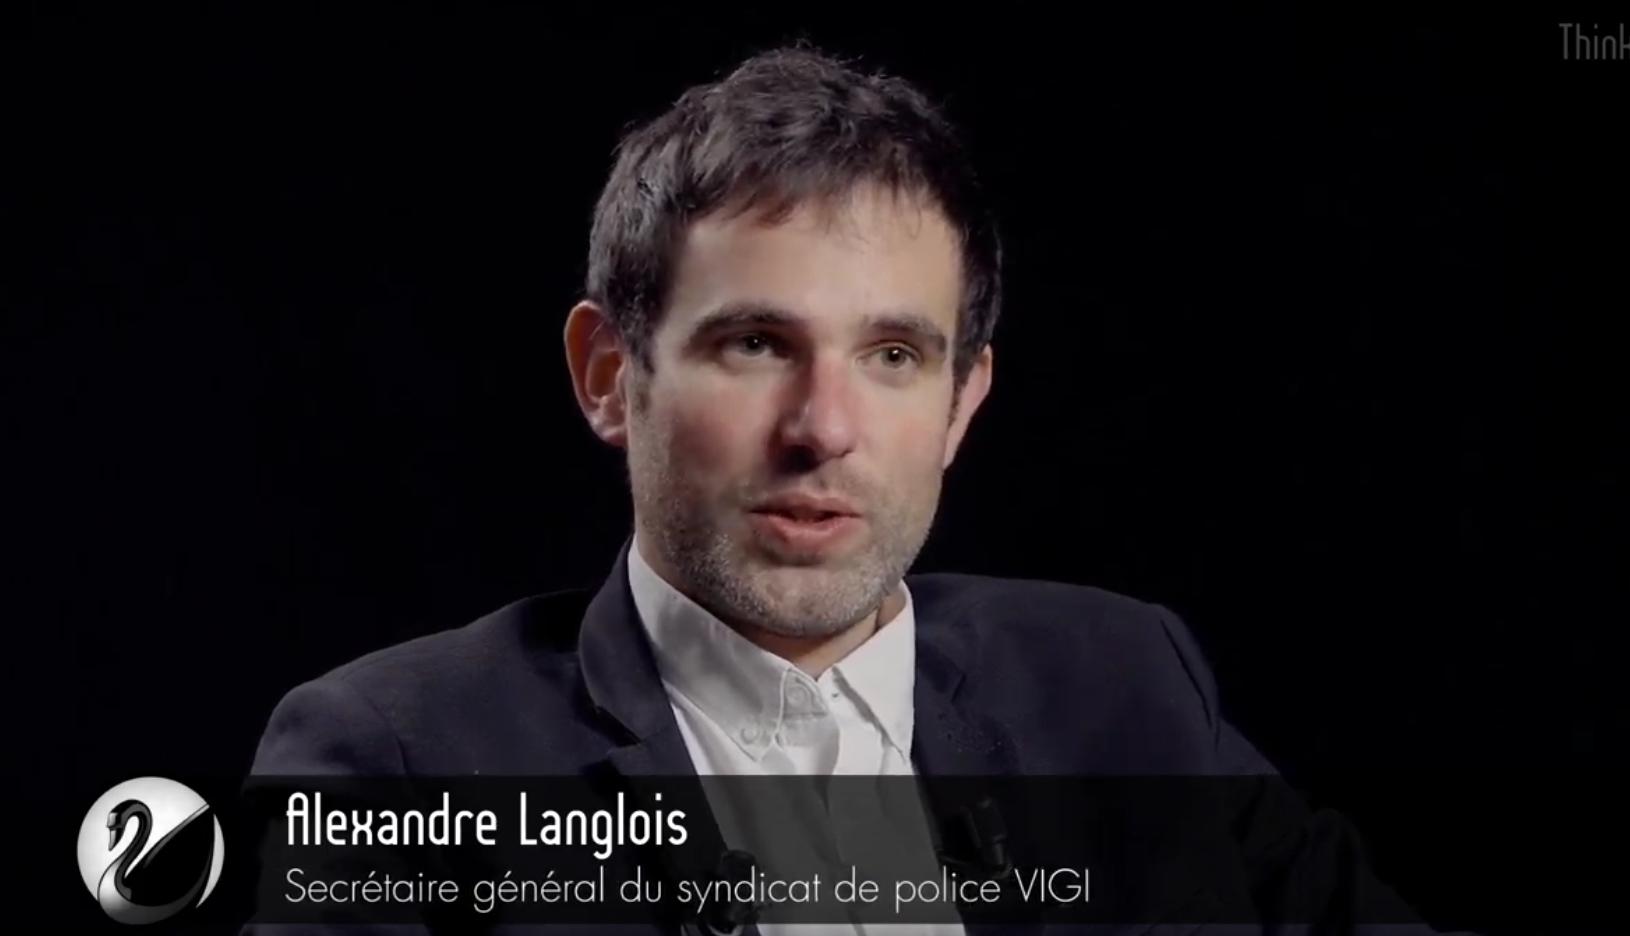 Alexandre Langlois : Un policier candidat à l'élection présidentielle (ENTRETIEN)